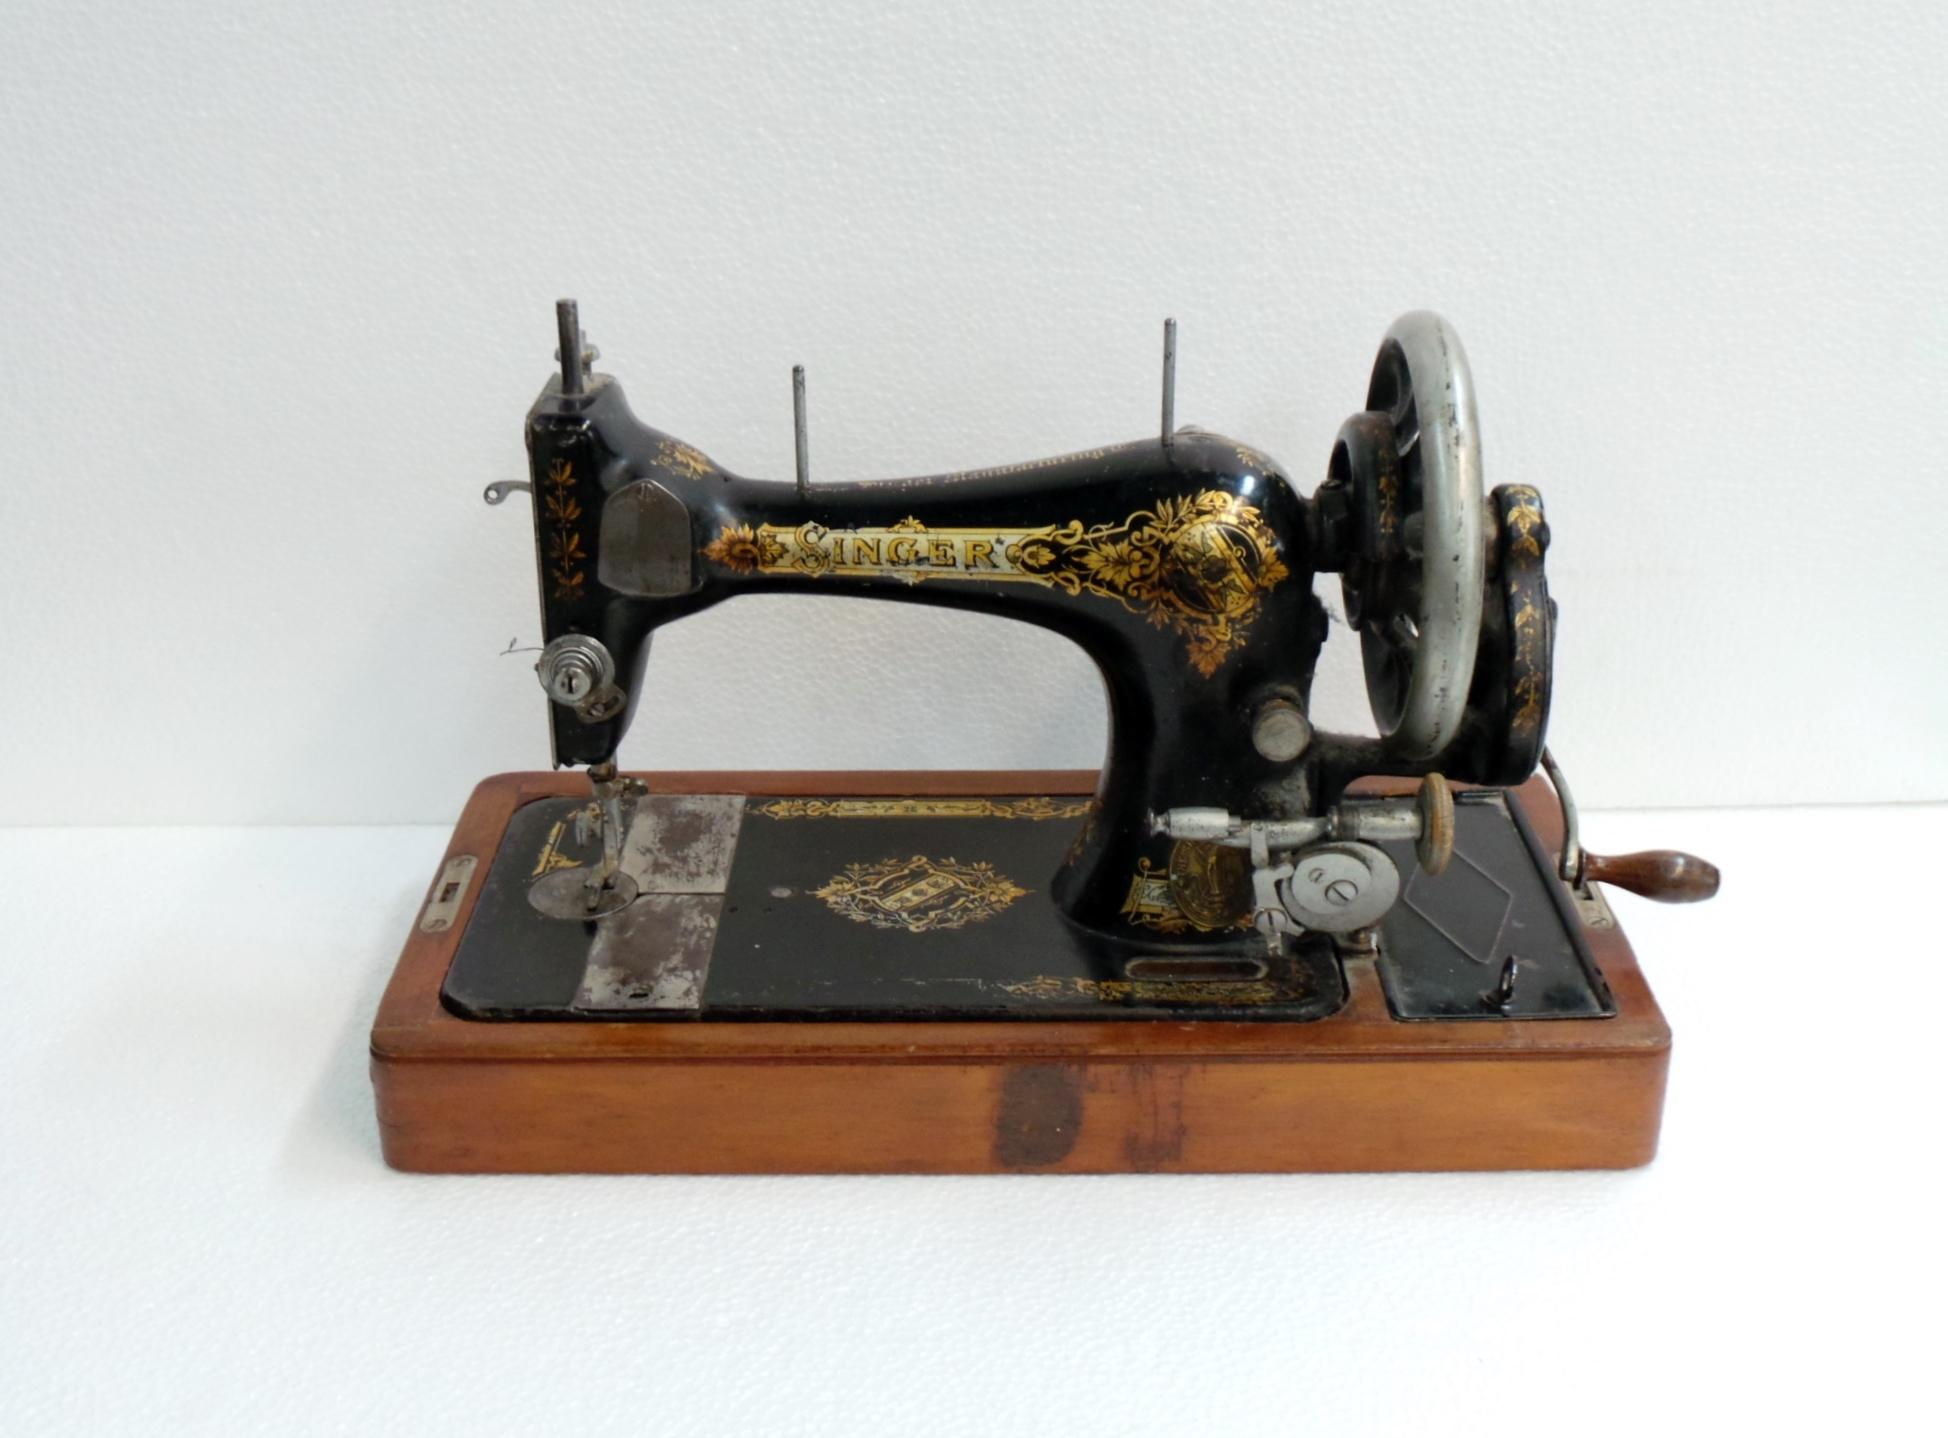 Macchina da cucire singer da tavolo - Tavolo con macchina da cucire ...